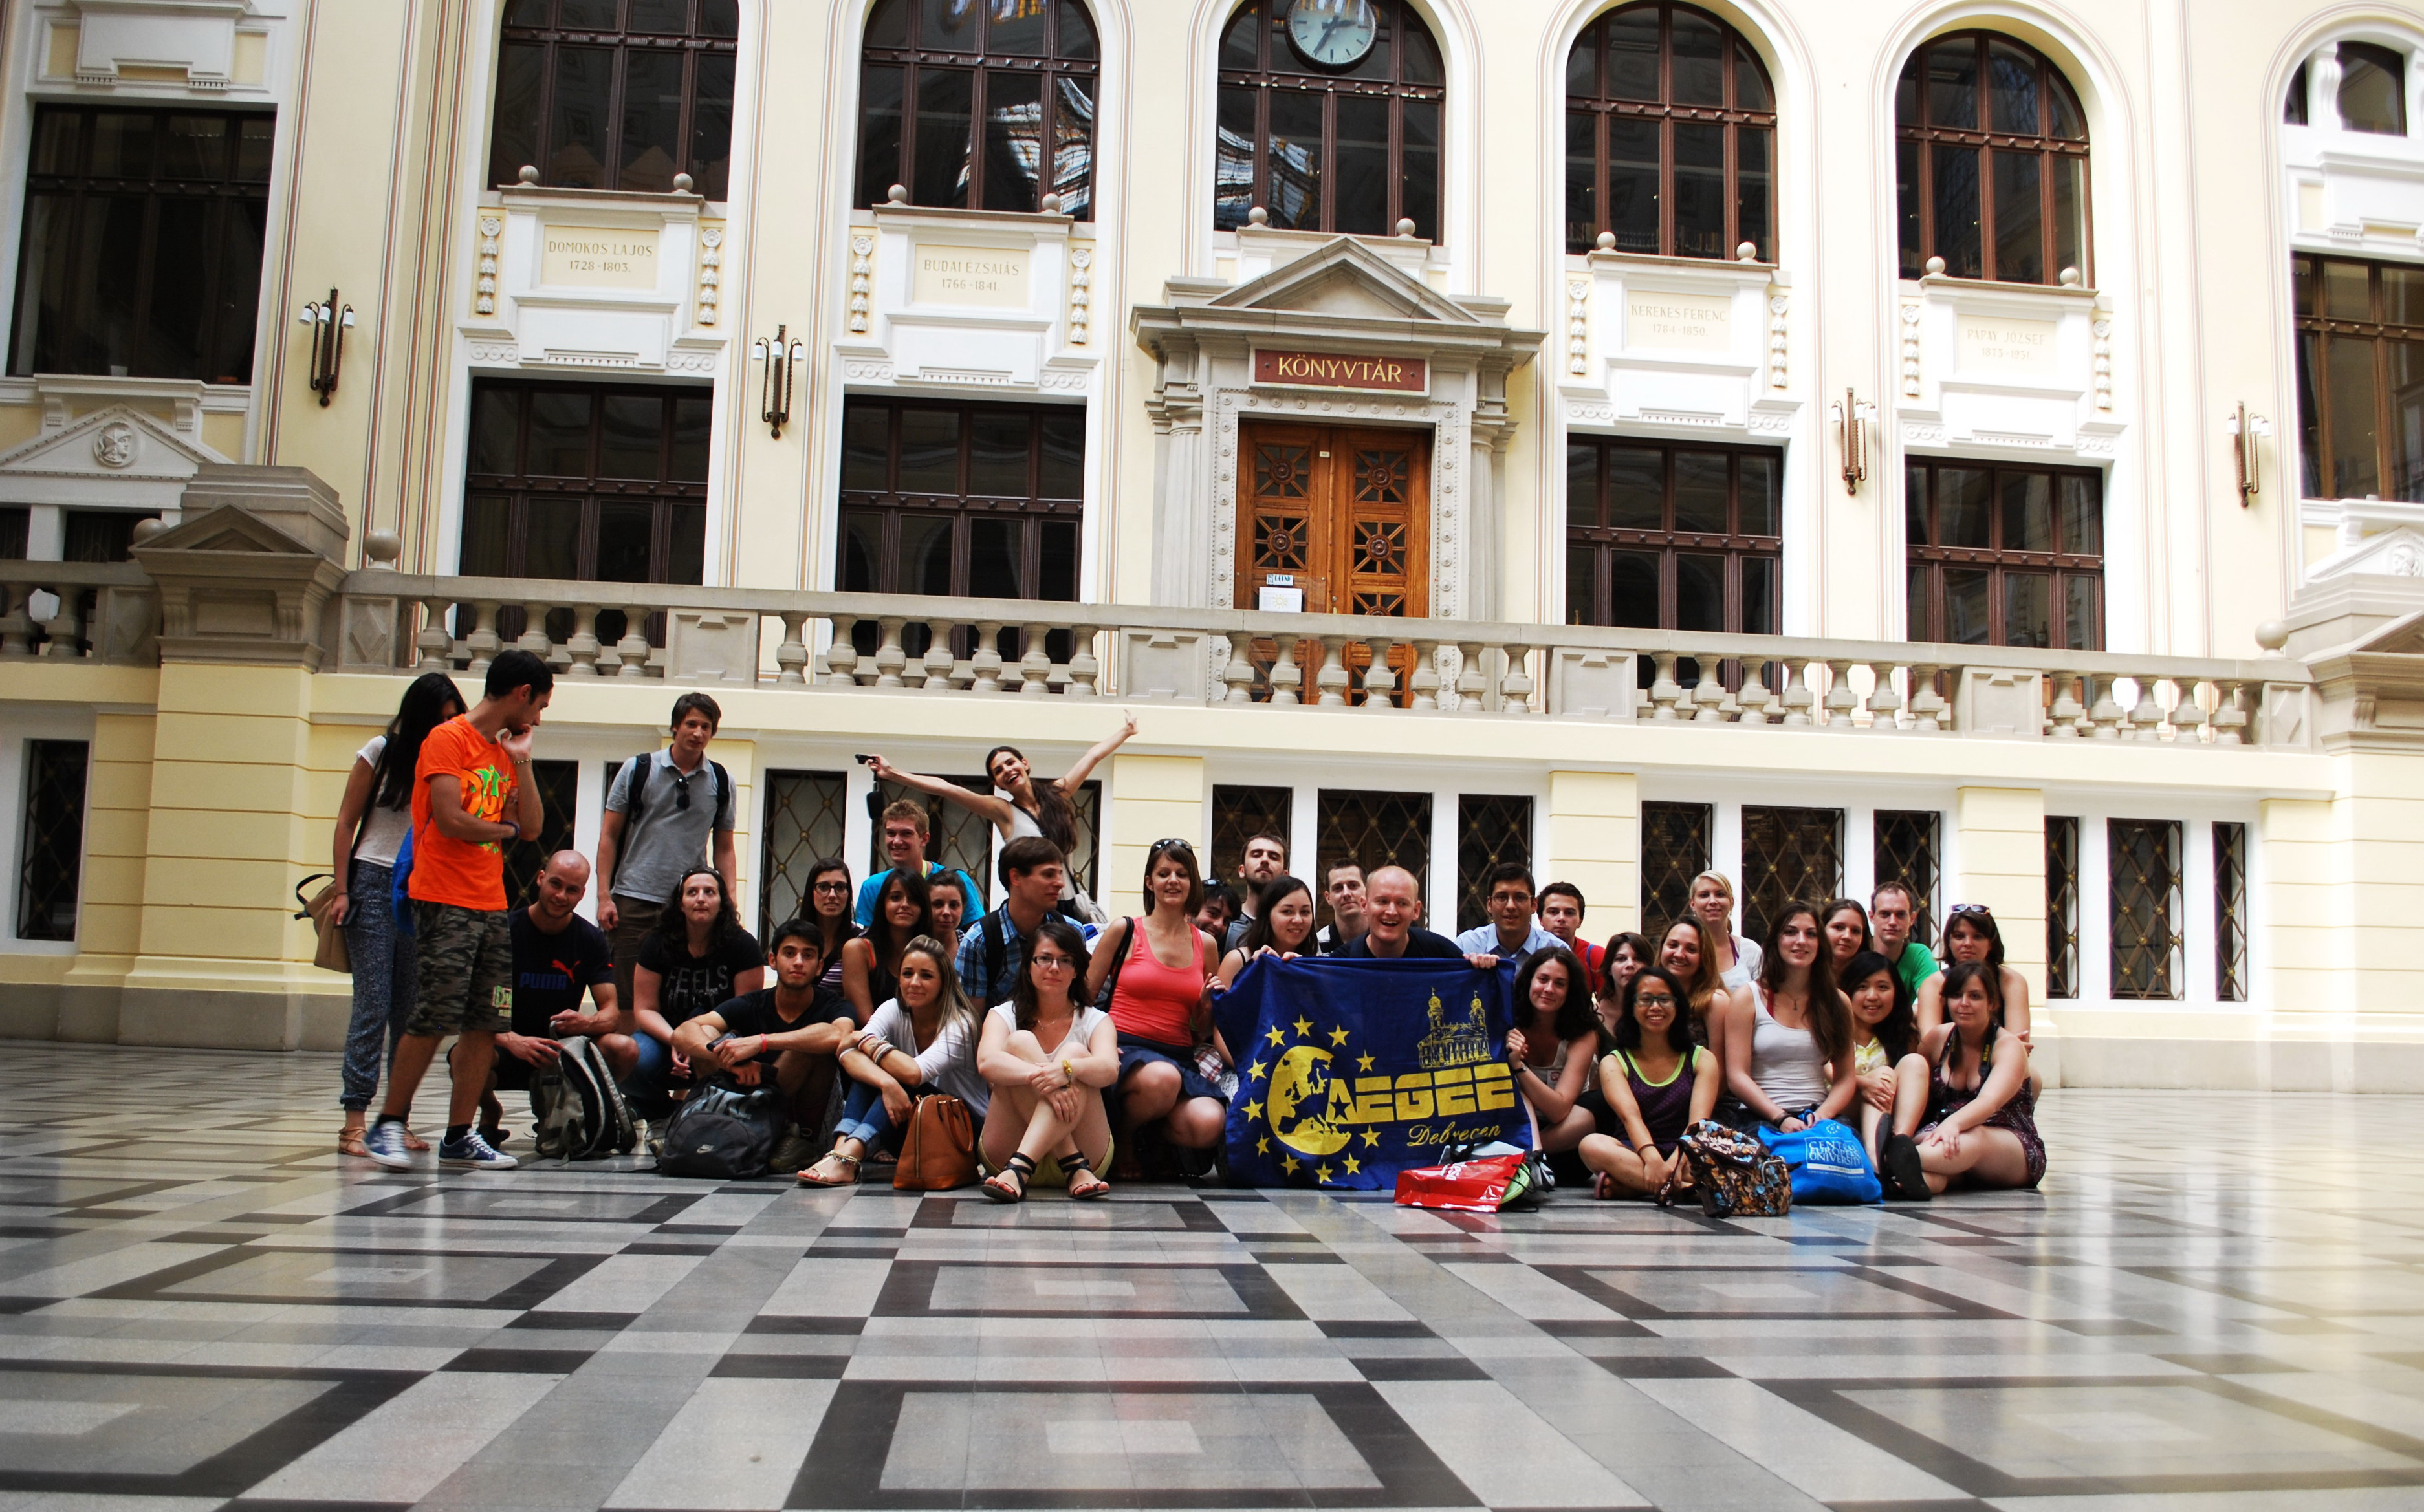 TSU by AEGEE-Debrecen & AEGEE-Sibiu (6) – At the University of Debrecen